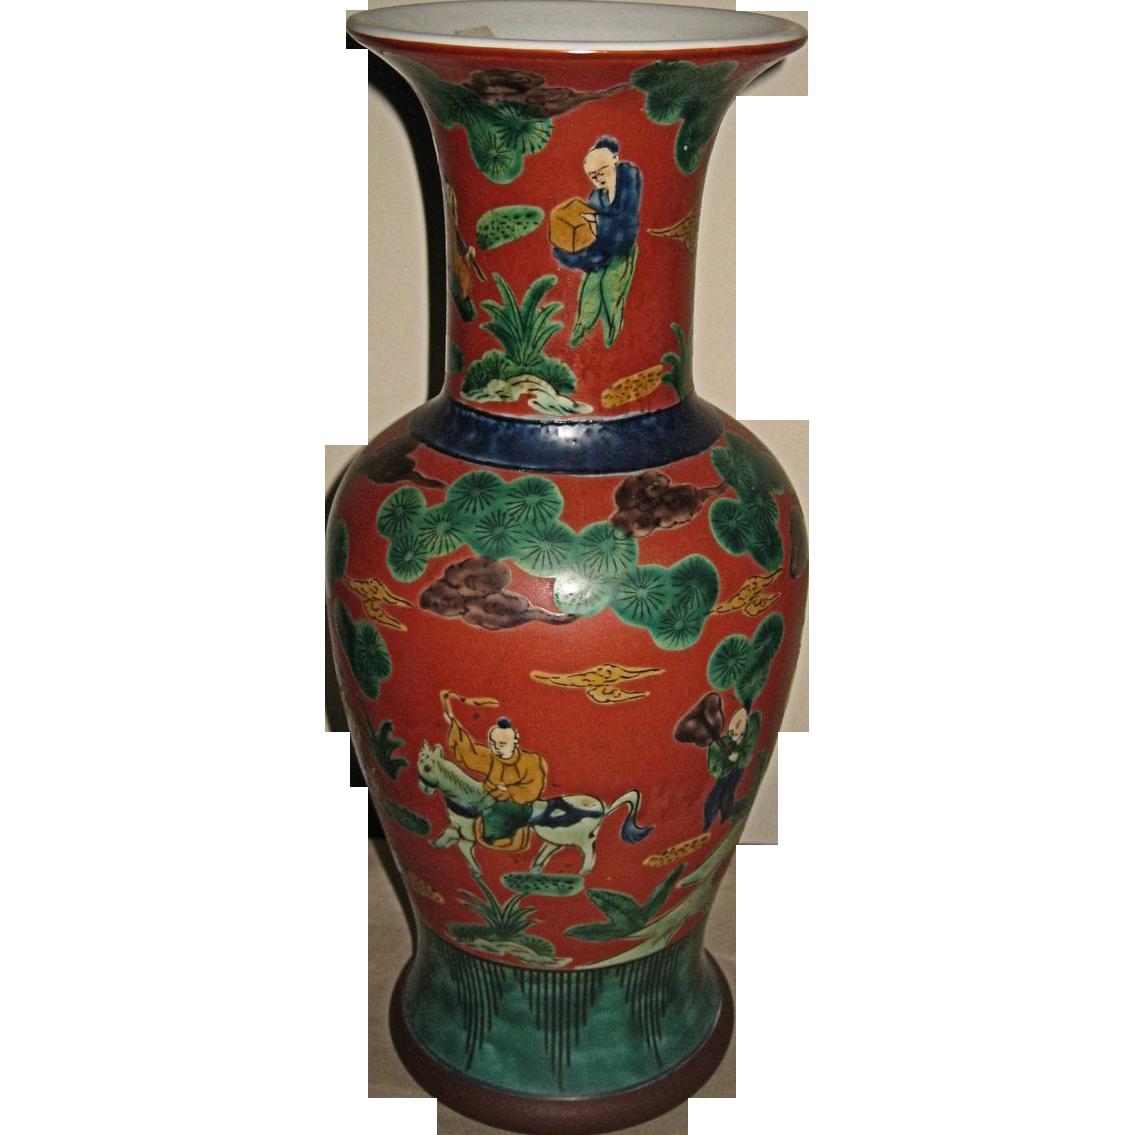 Antique Japanese Kutani Porcelain Vase From